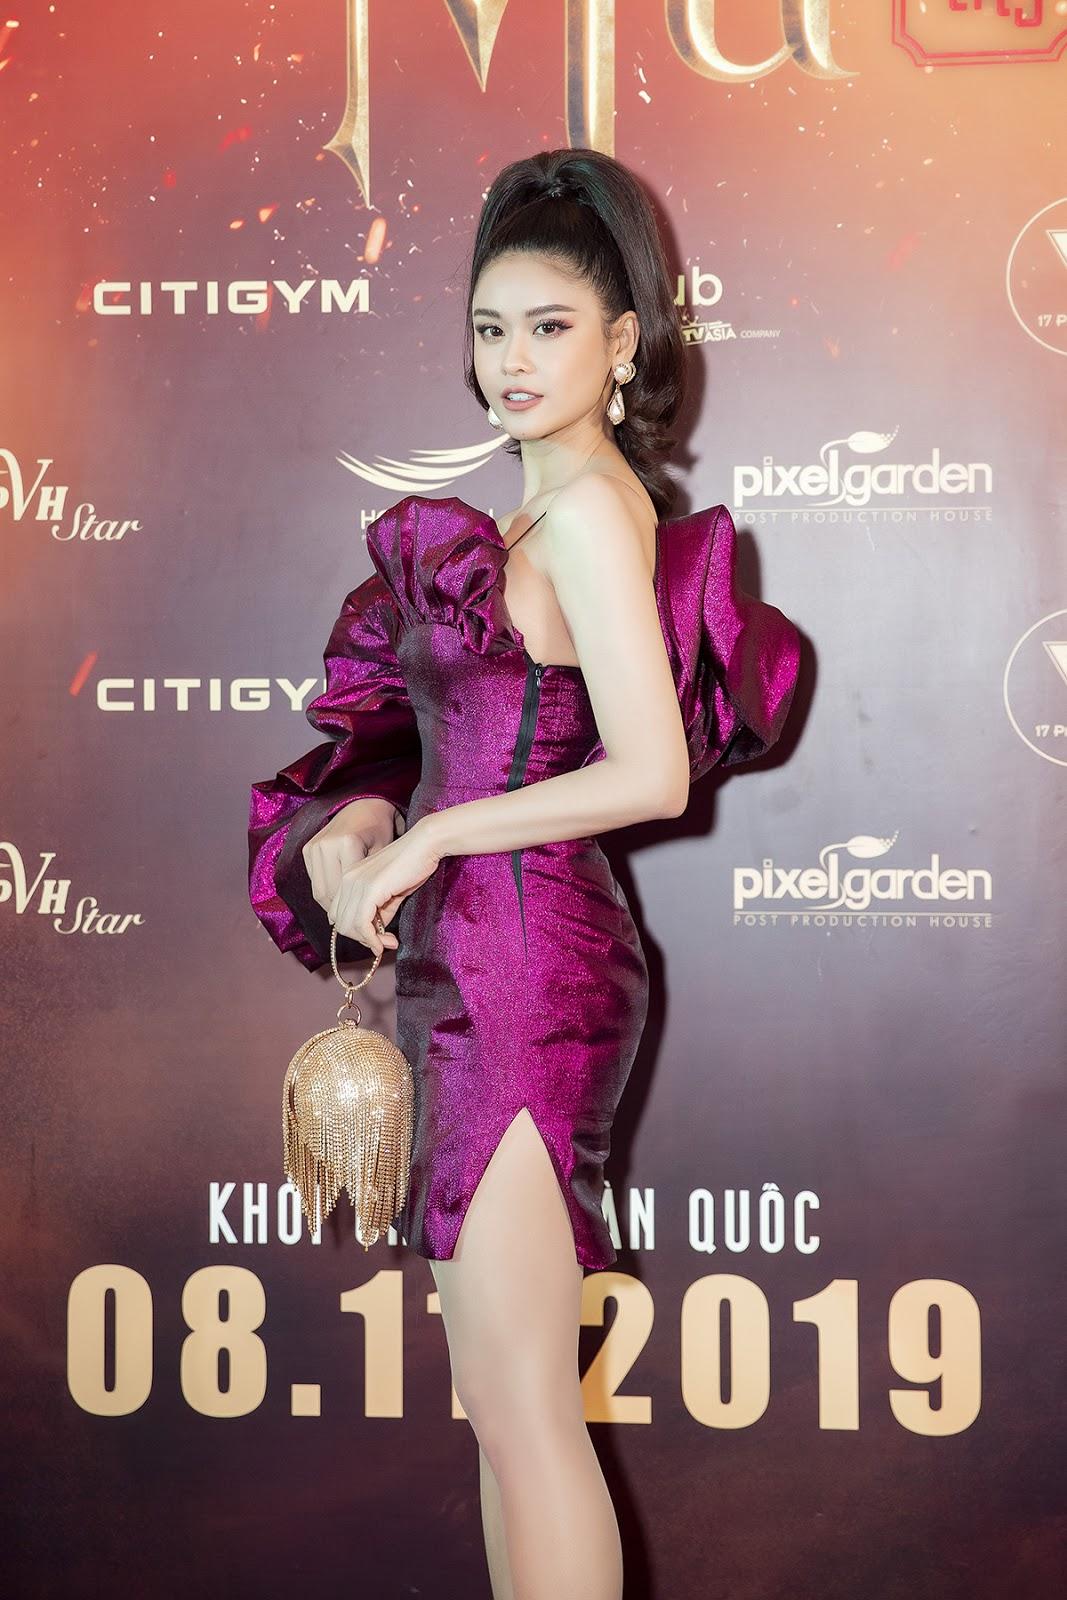 Trương Quỳnh Anh diện trang phục siêu ấn tượng chiếm hết spotlight thảm đỏ mừng Huỳnh Lập ra mắt phim - Hình 2